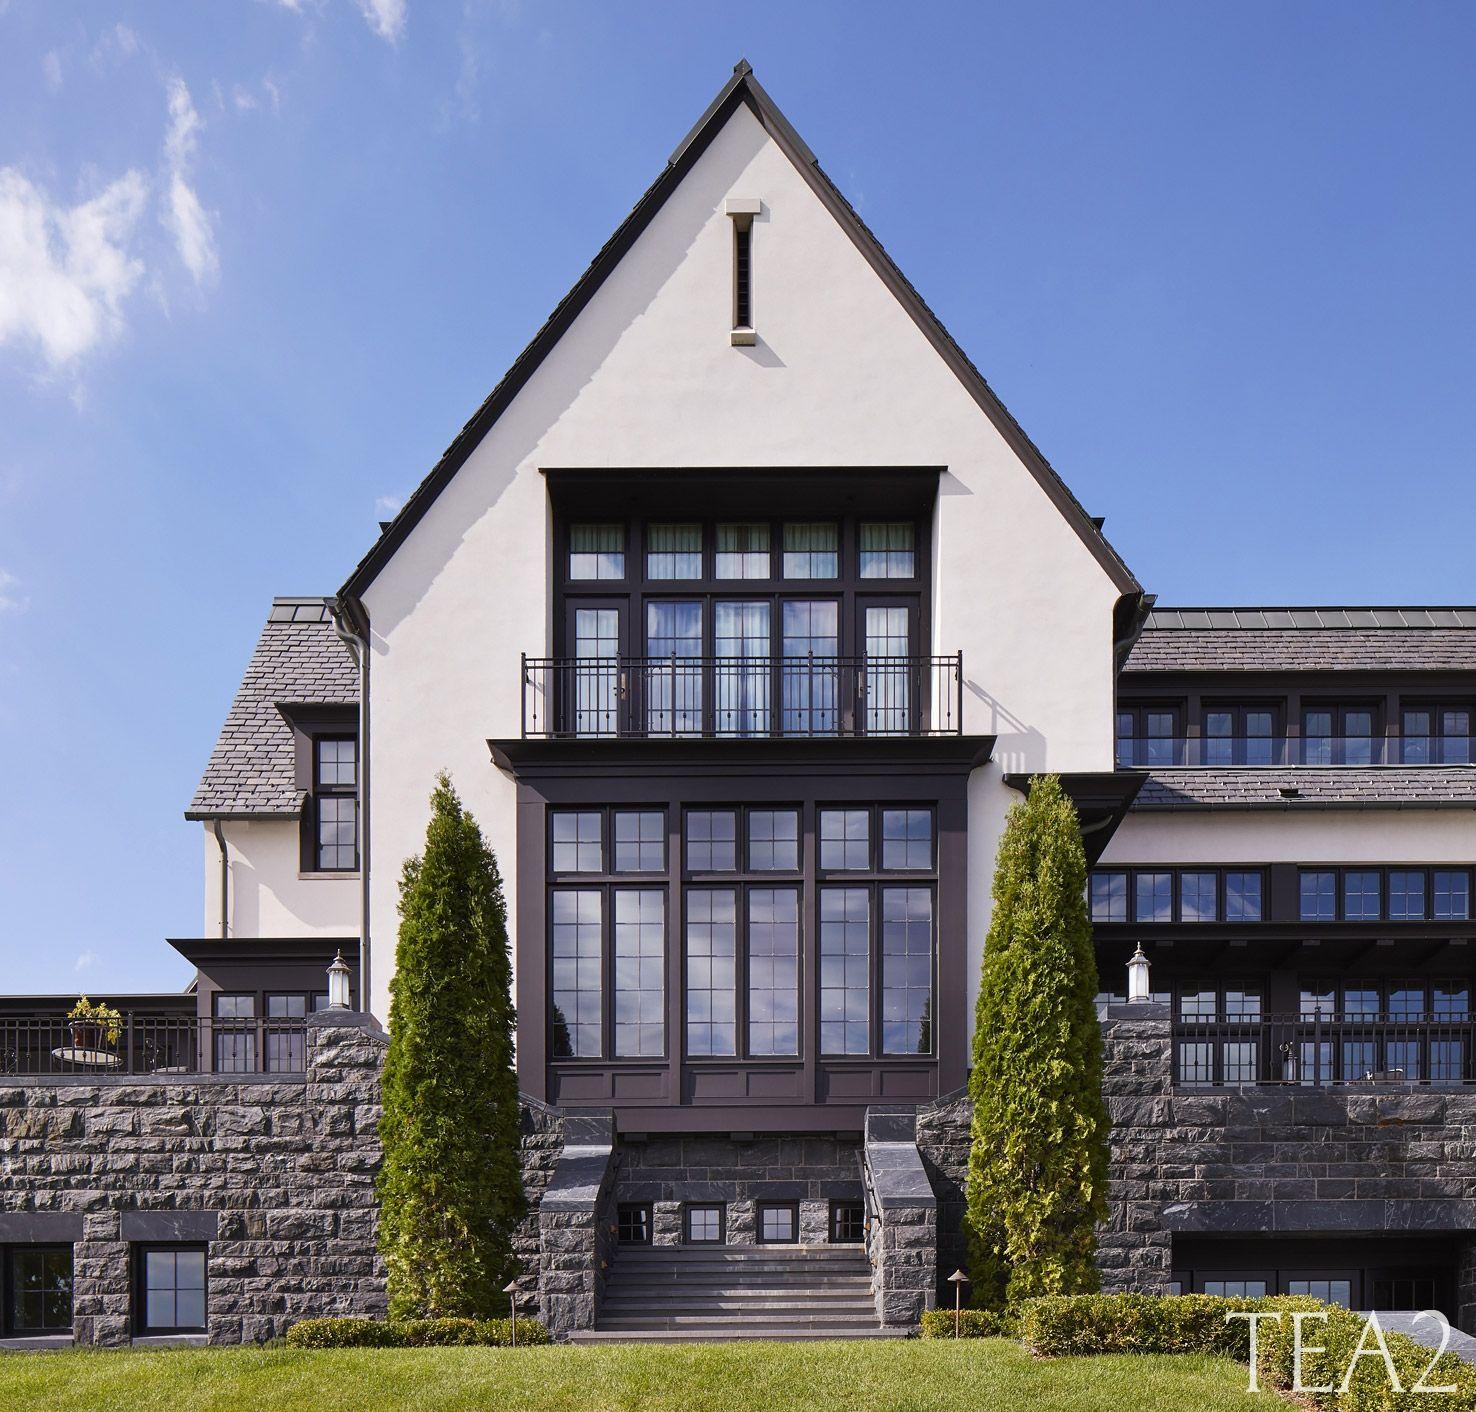 Unique Home Exterior Design: From The Portfolio Of TEA2 Architects